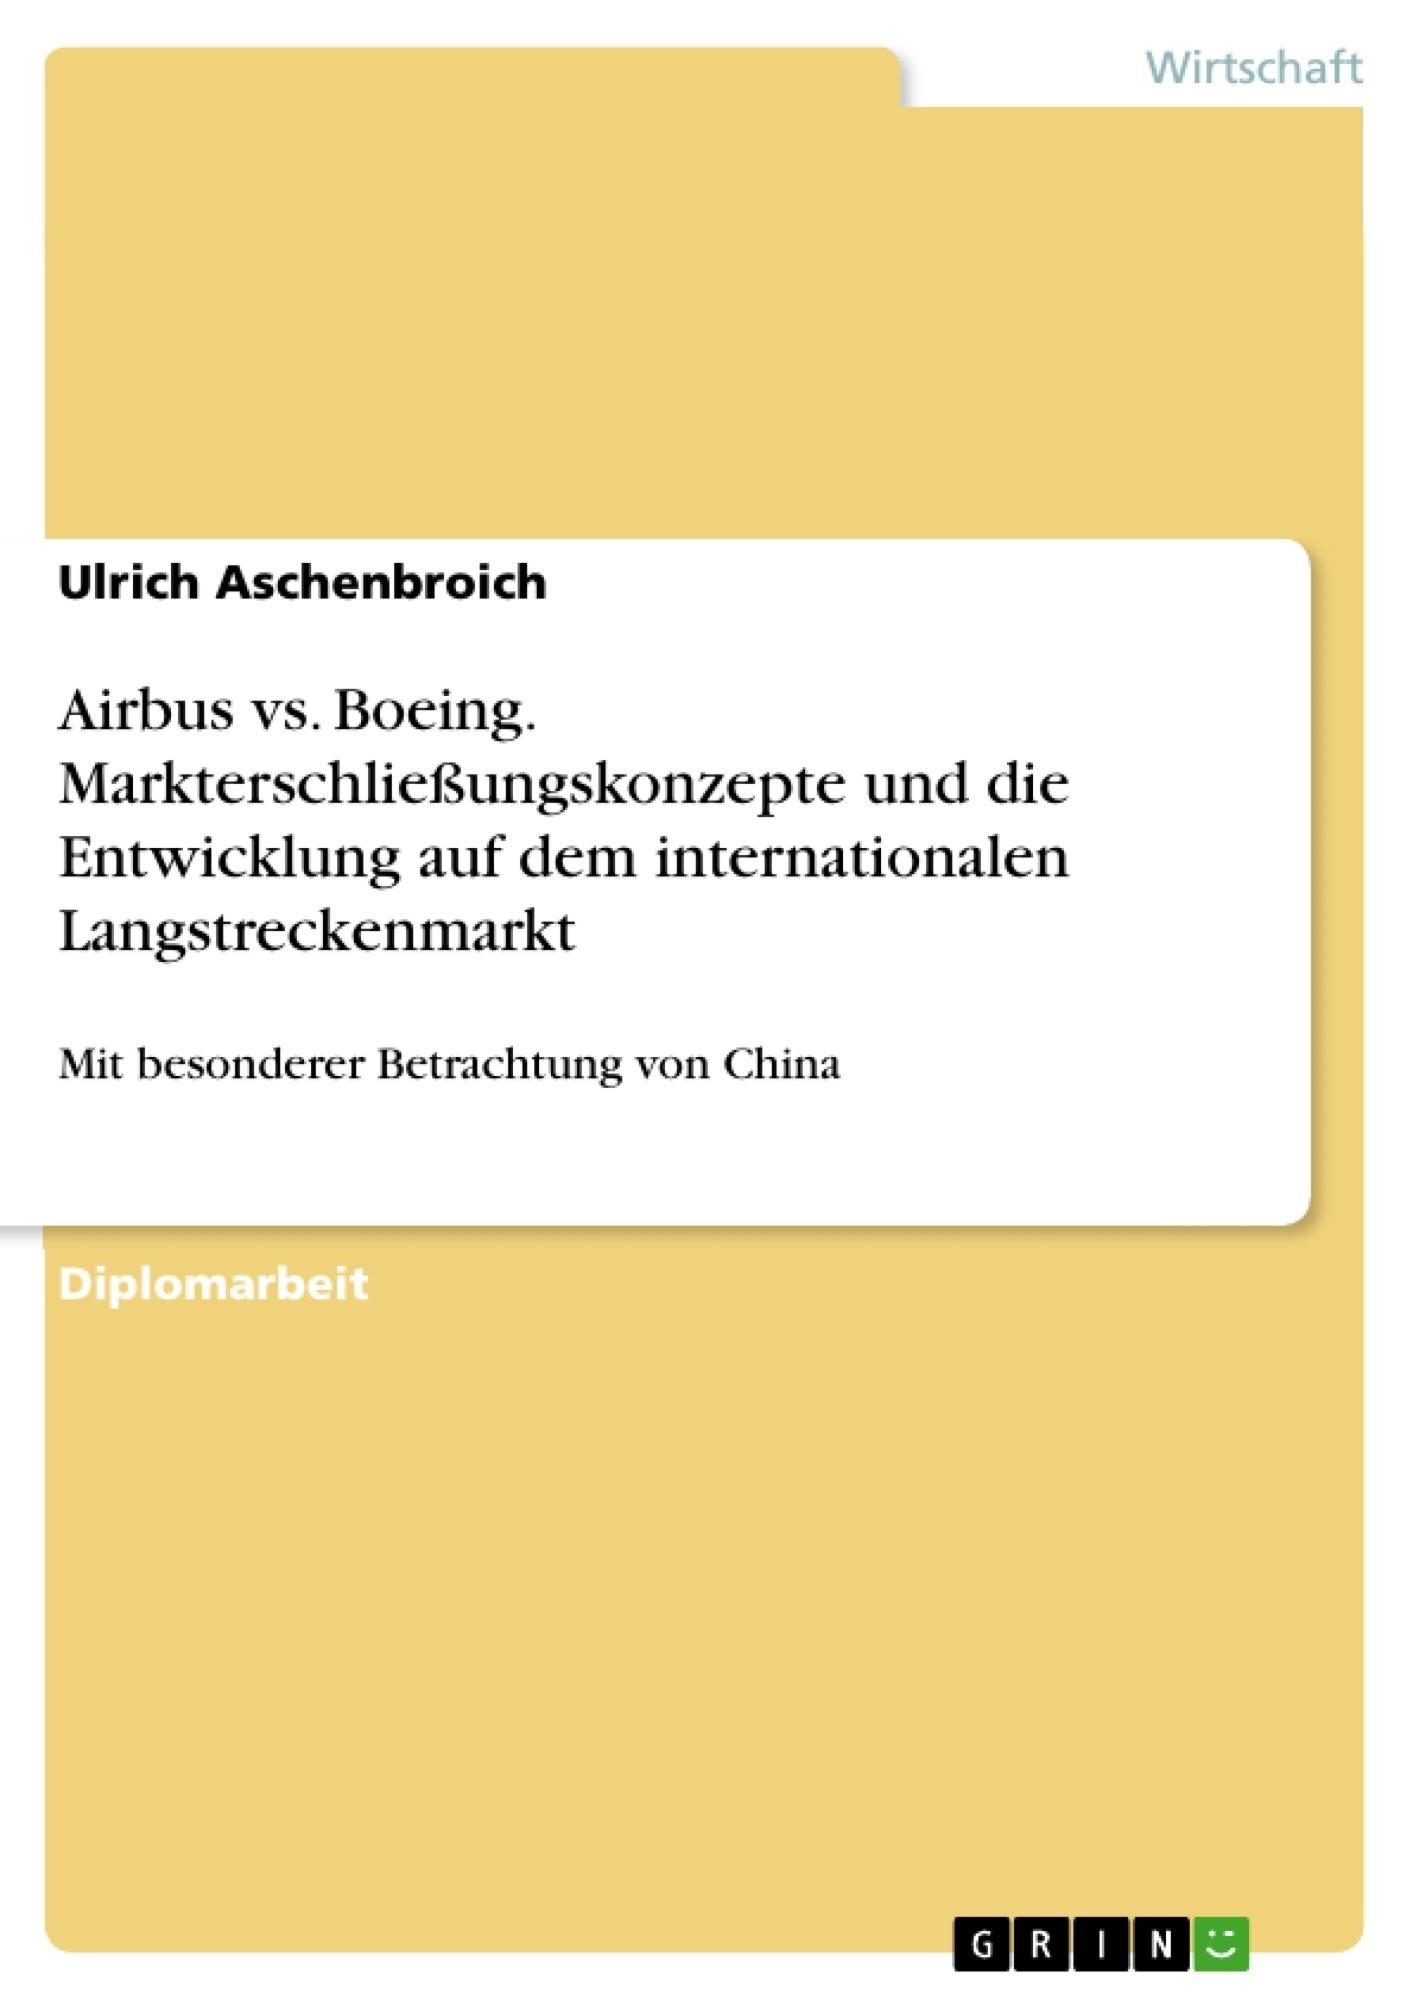 Titel: Airbus vs. Boeing. Markterschließungskonzepte und die Entwicklung auf dem internationalen Langstreckenmarkt